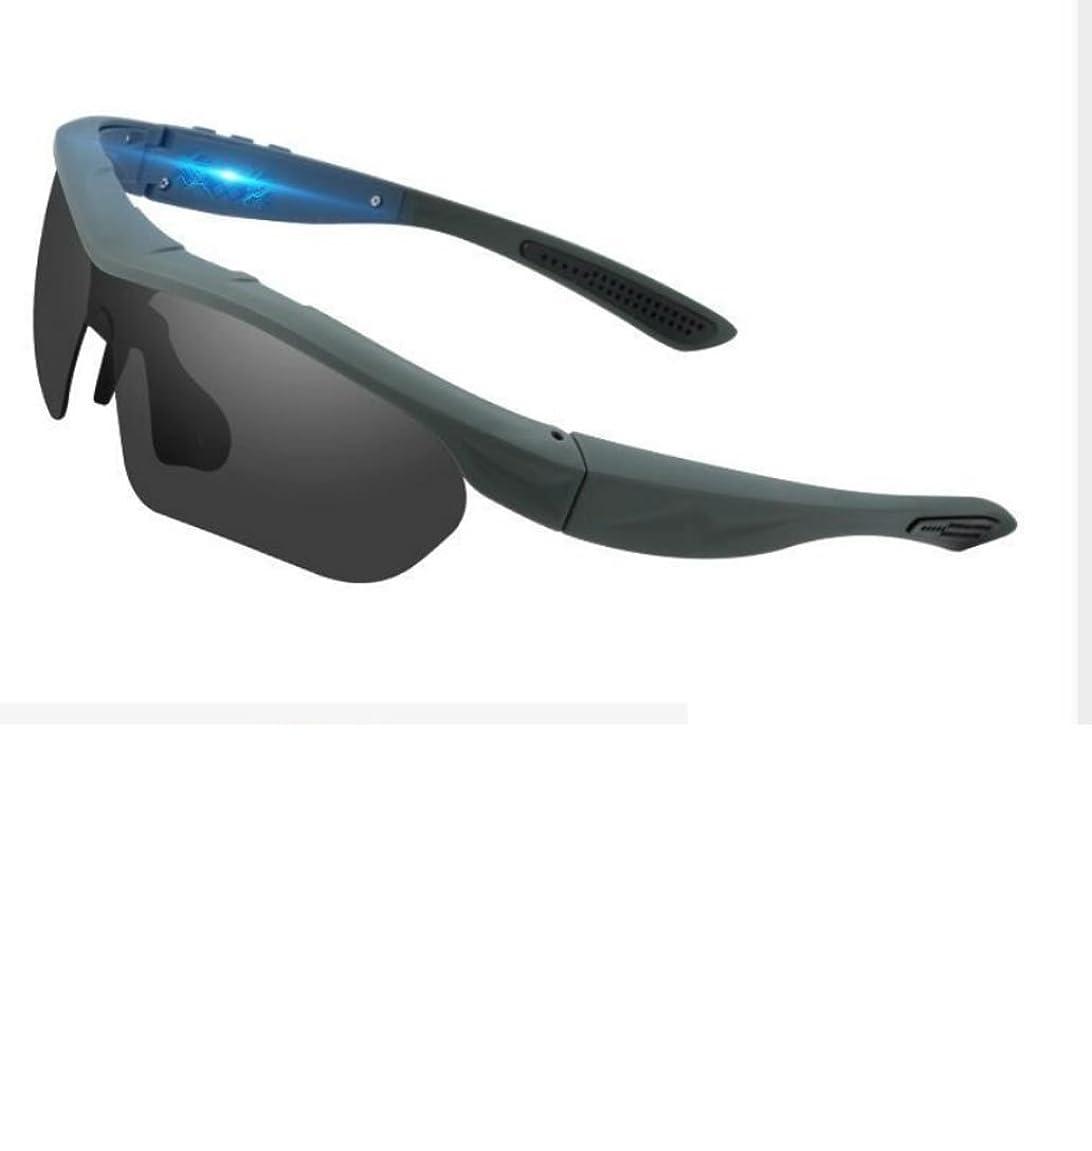 解放する国民バルクアマゾンの新型、lk88 bluetoothメガネスマートフォン?ステレオ4国语の偏光レンズ眼镜。